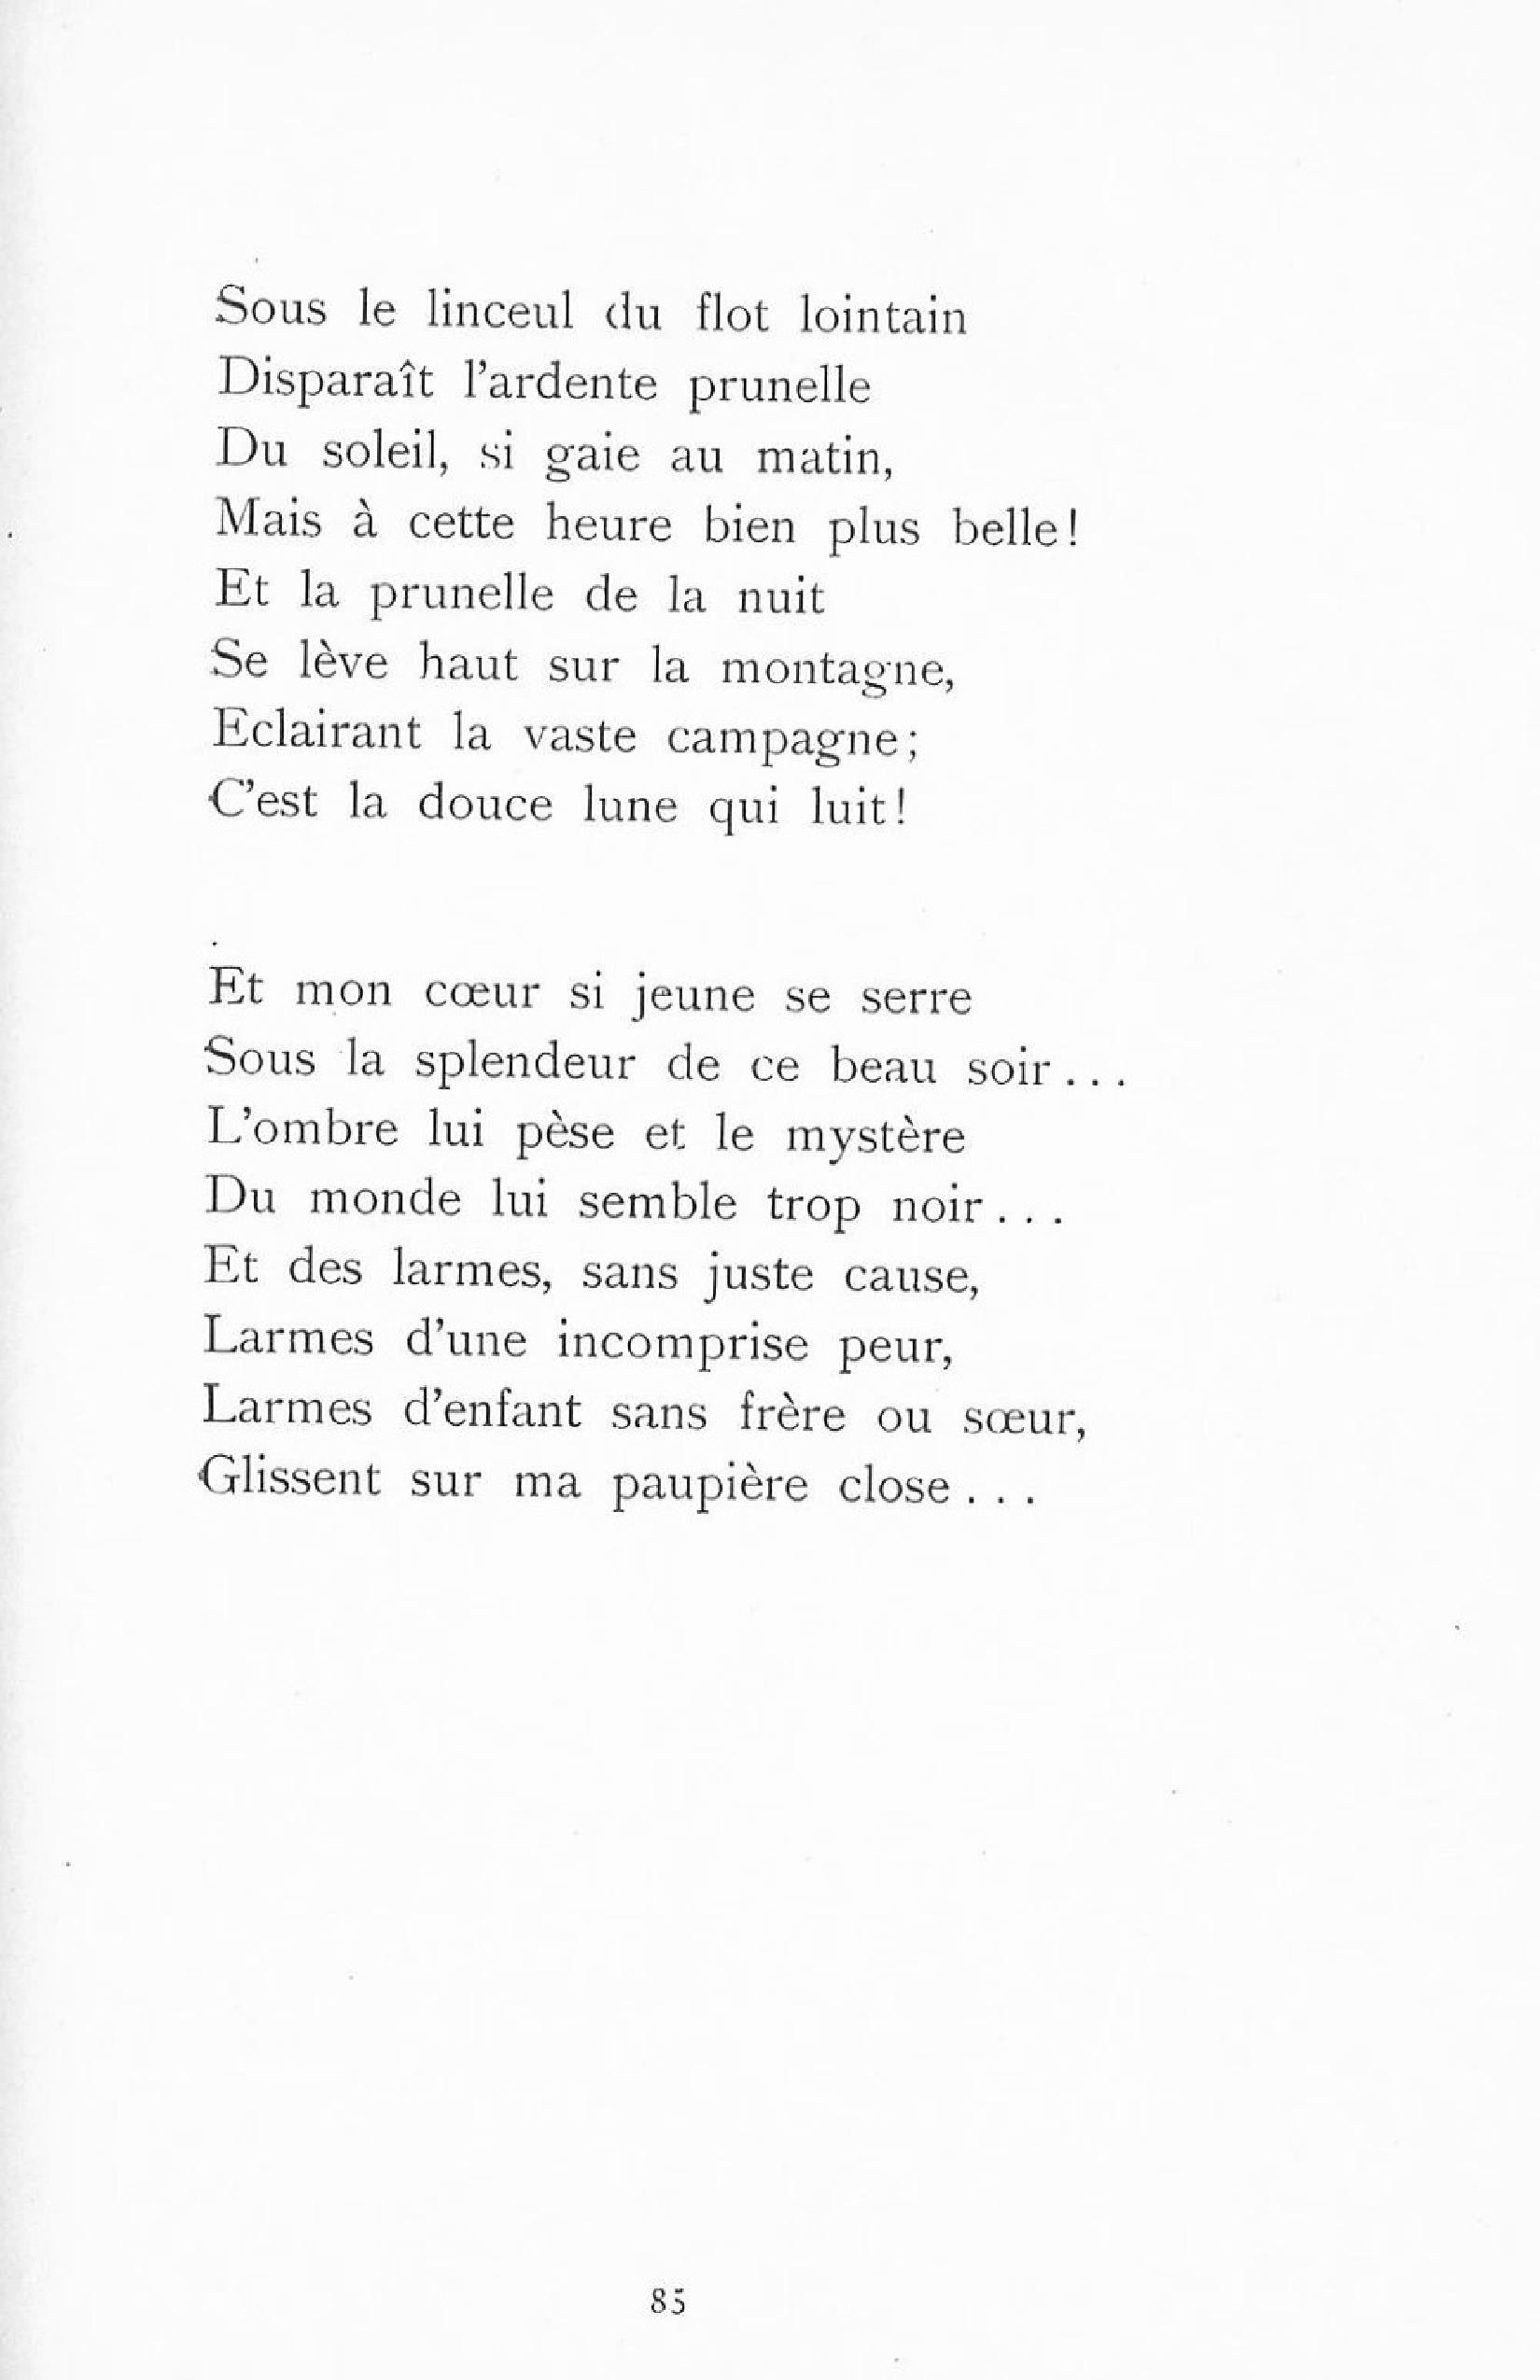 Livres En Francais Reves Sous Le Linceul Madagascar Alemdad Ly